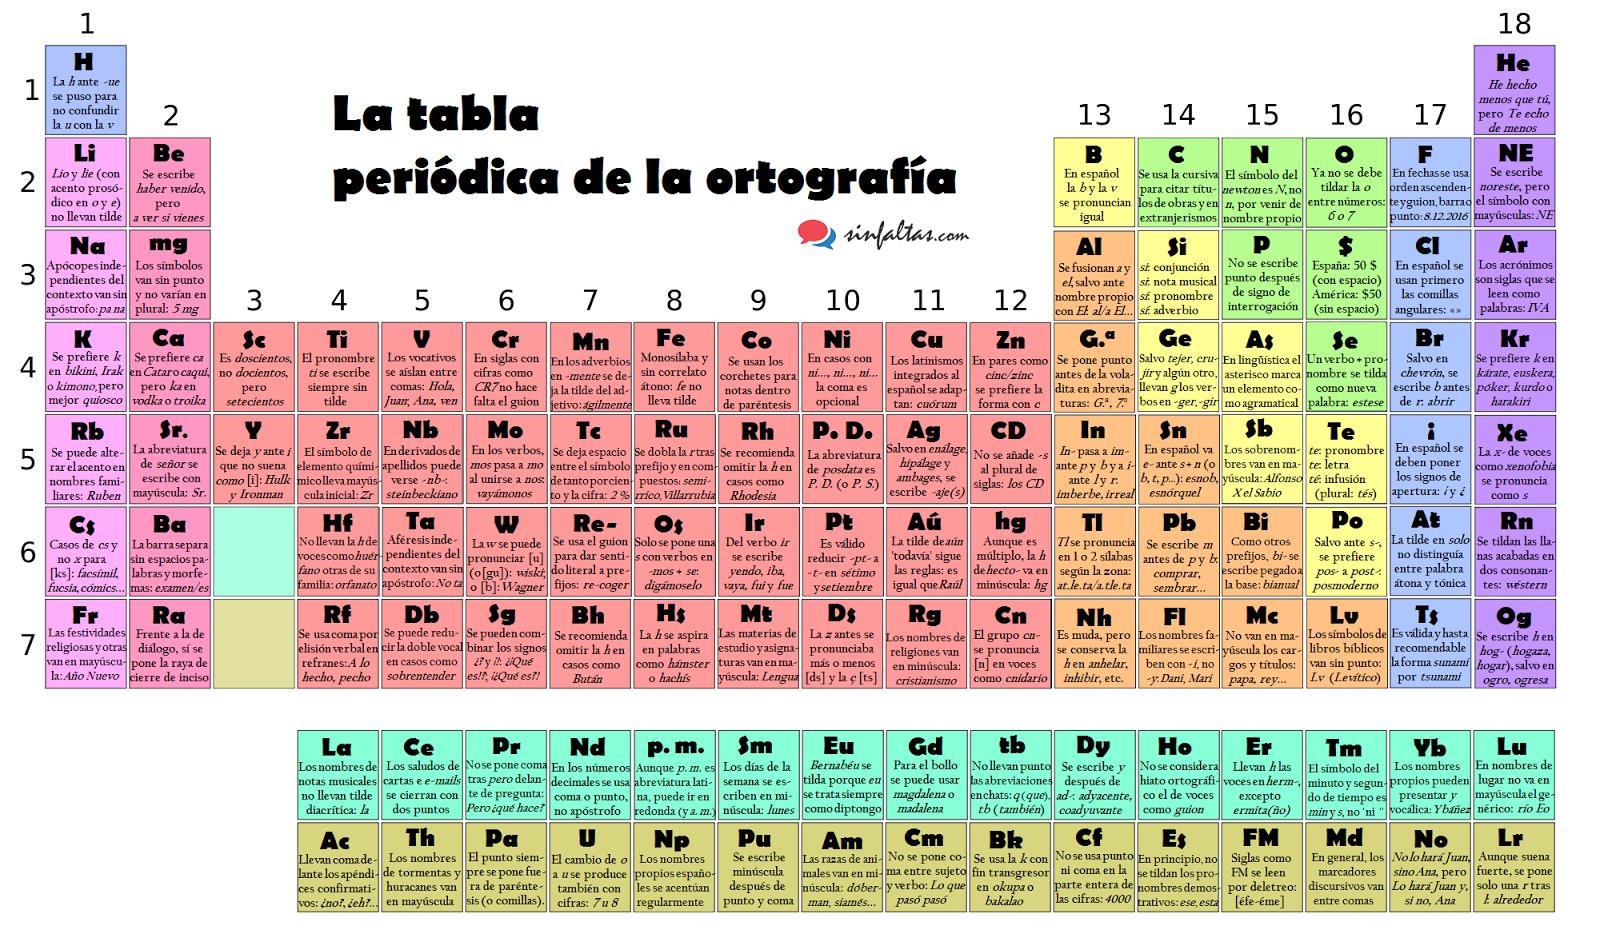 La tabla peridica de la ortografa ortografa infinita la tabla peridica de la ortografa urtaz Images